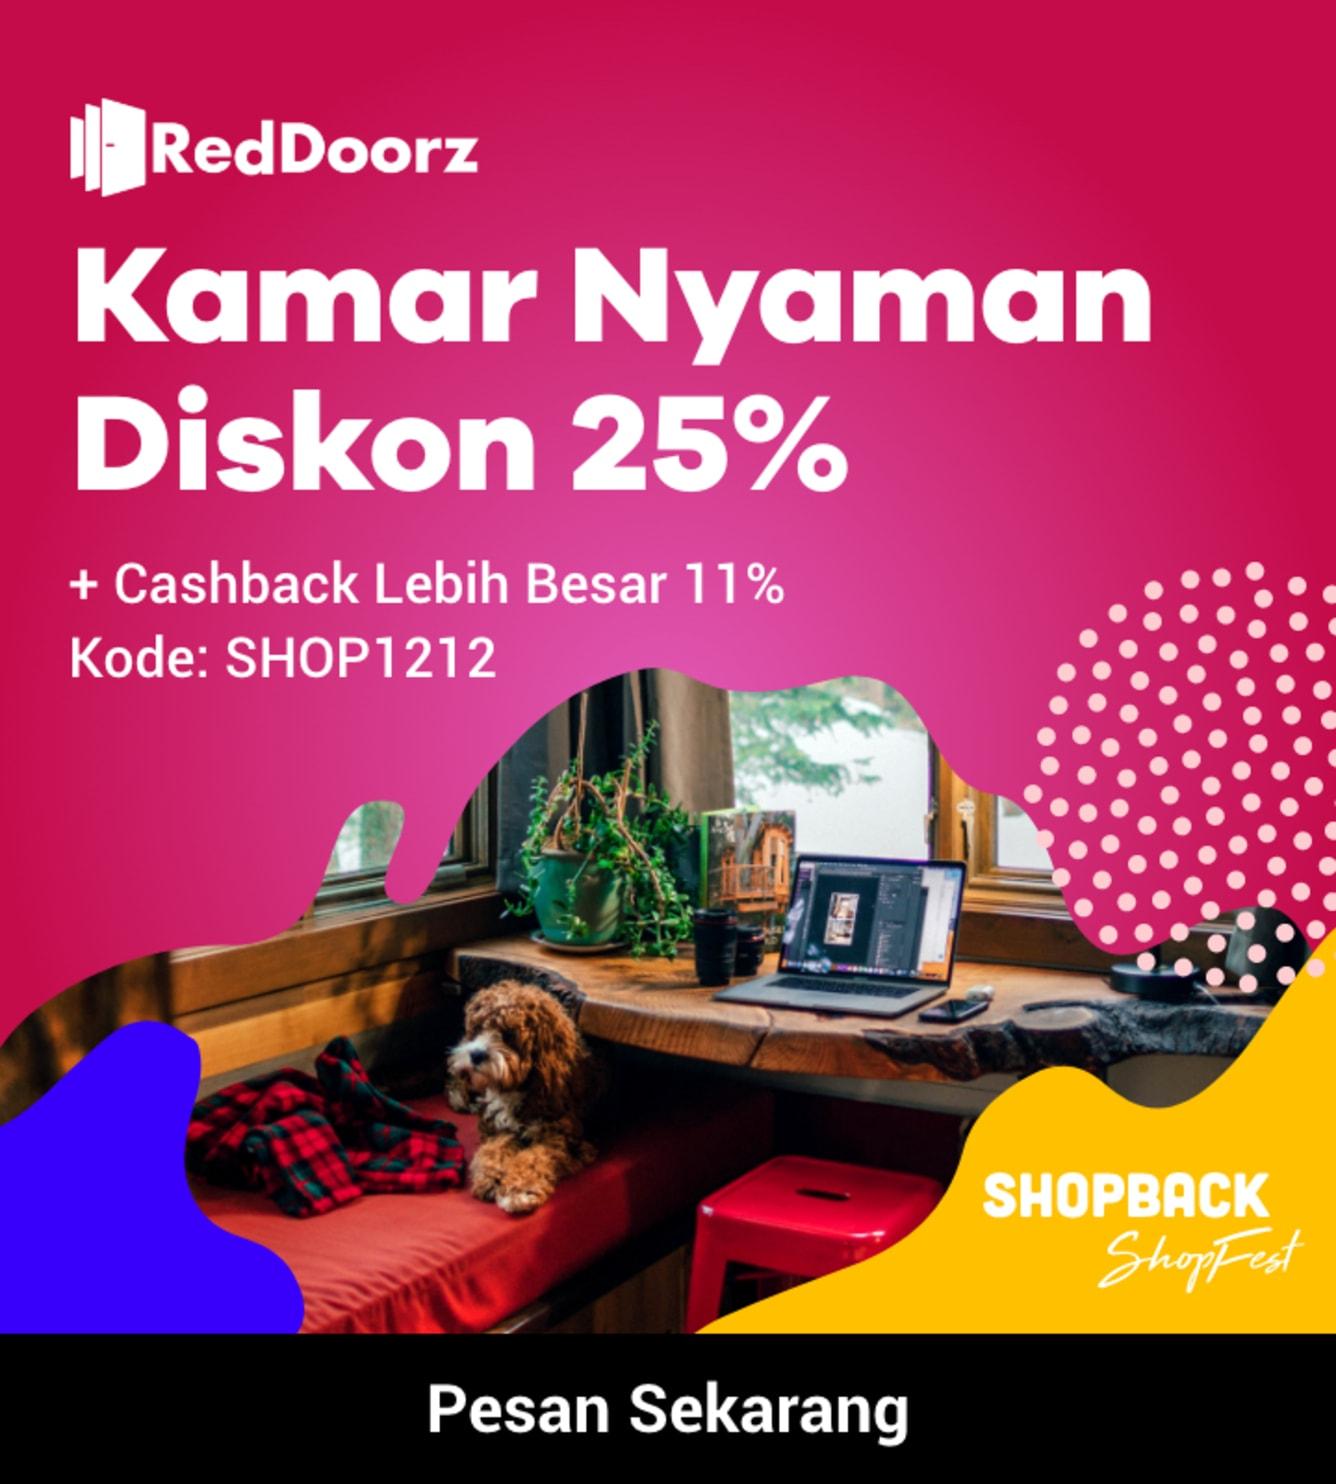 Week 50 - Promo RedDoorz 12.12